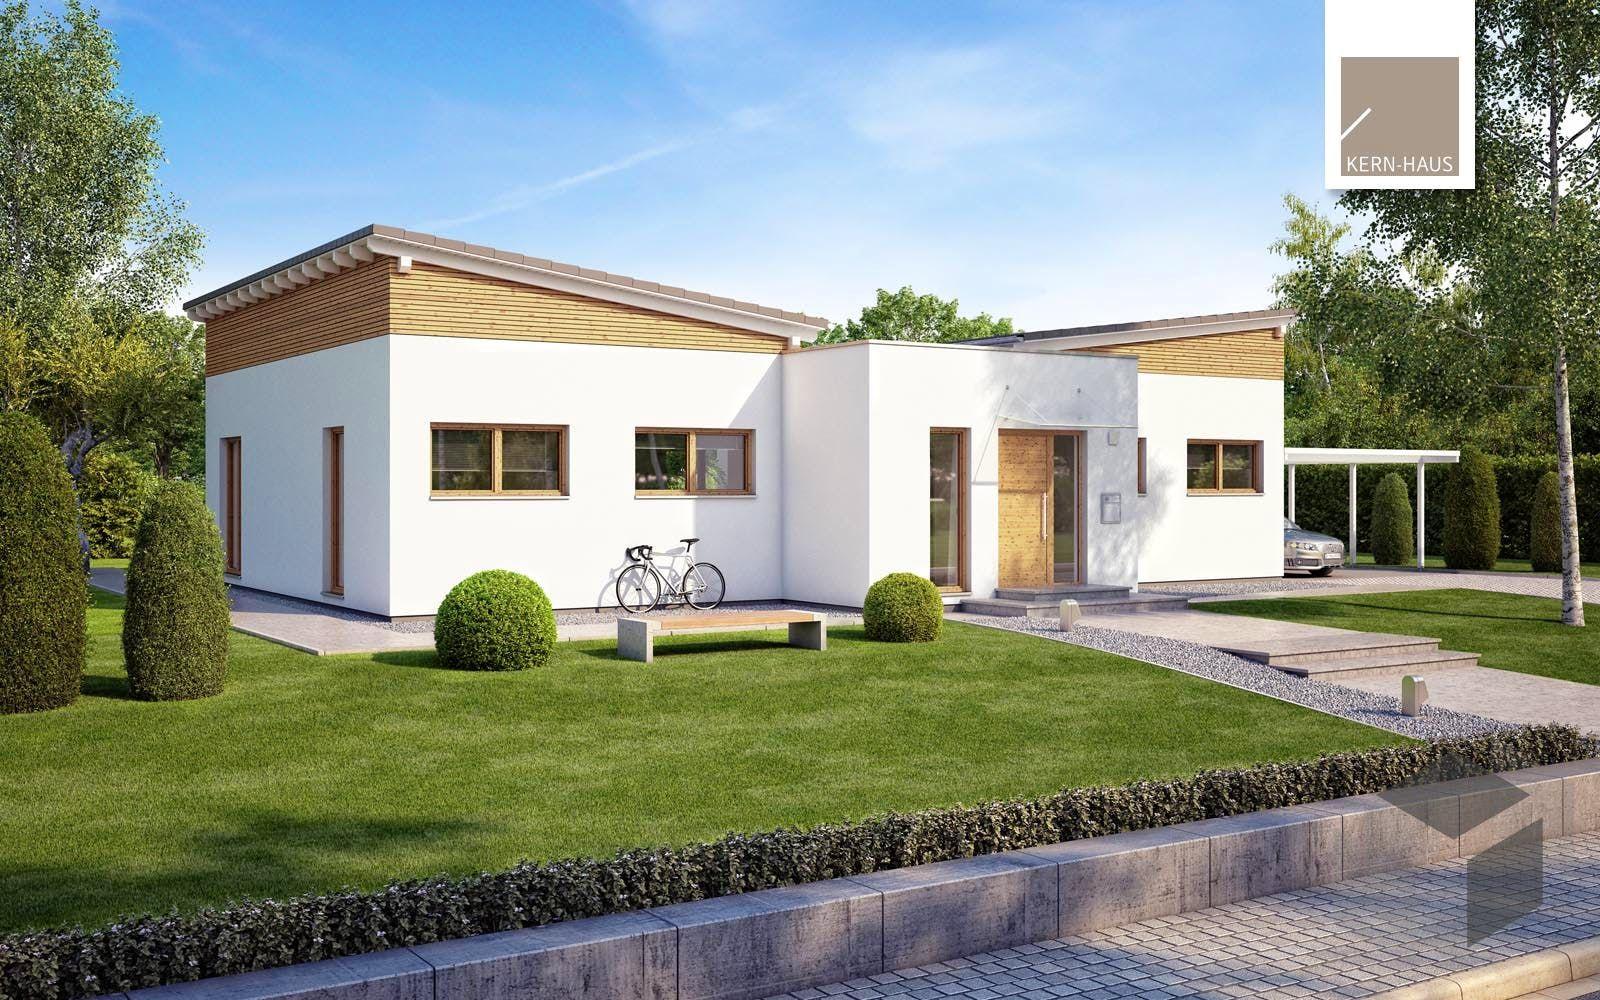 Bungalow Fokus von KernHaus Alle Haustypen Hausgrundrisse